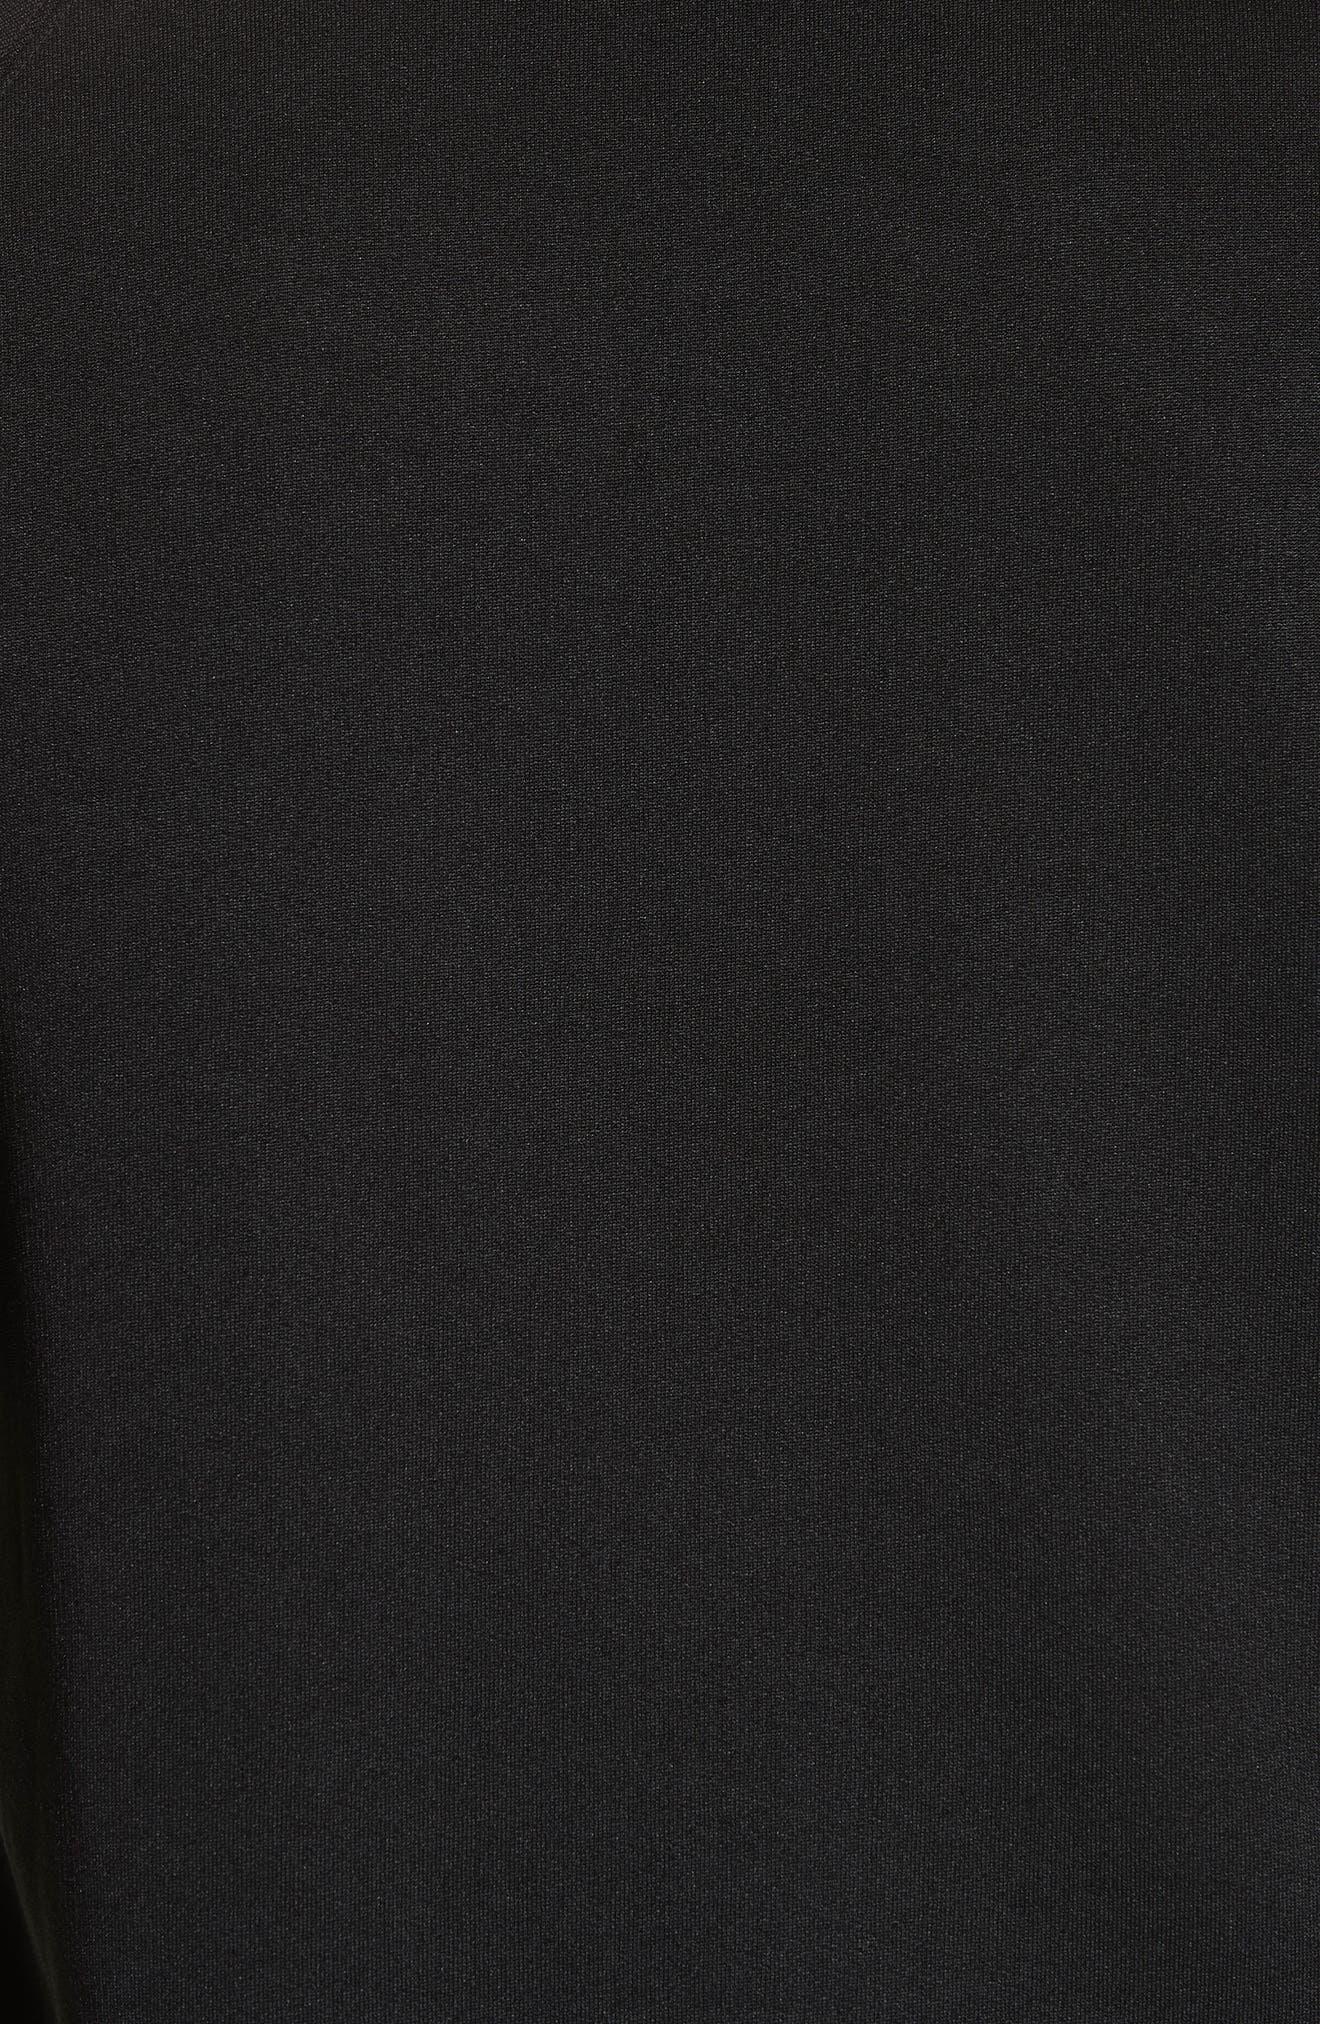 VERSACE COLLECTION, Medusa Print Sweatshirt, Alternate thumbnail 5, color, BLACK/ PAINT